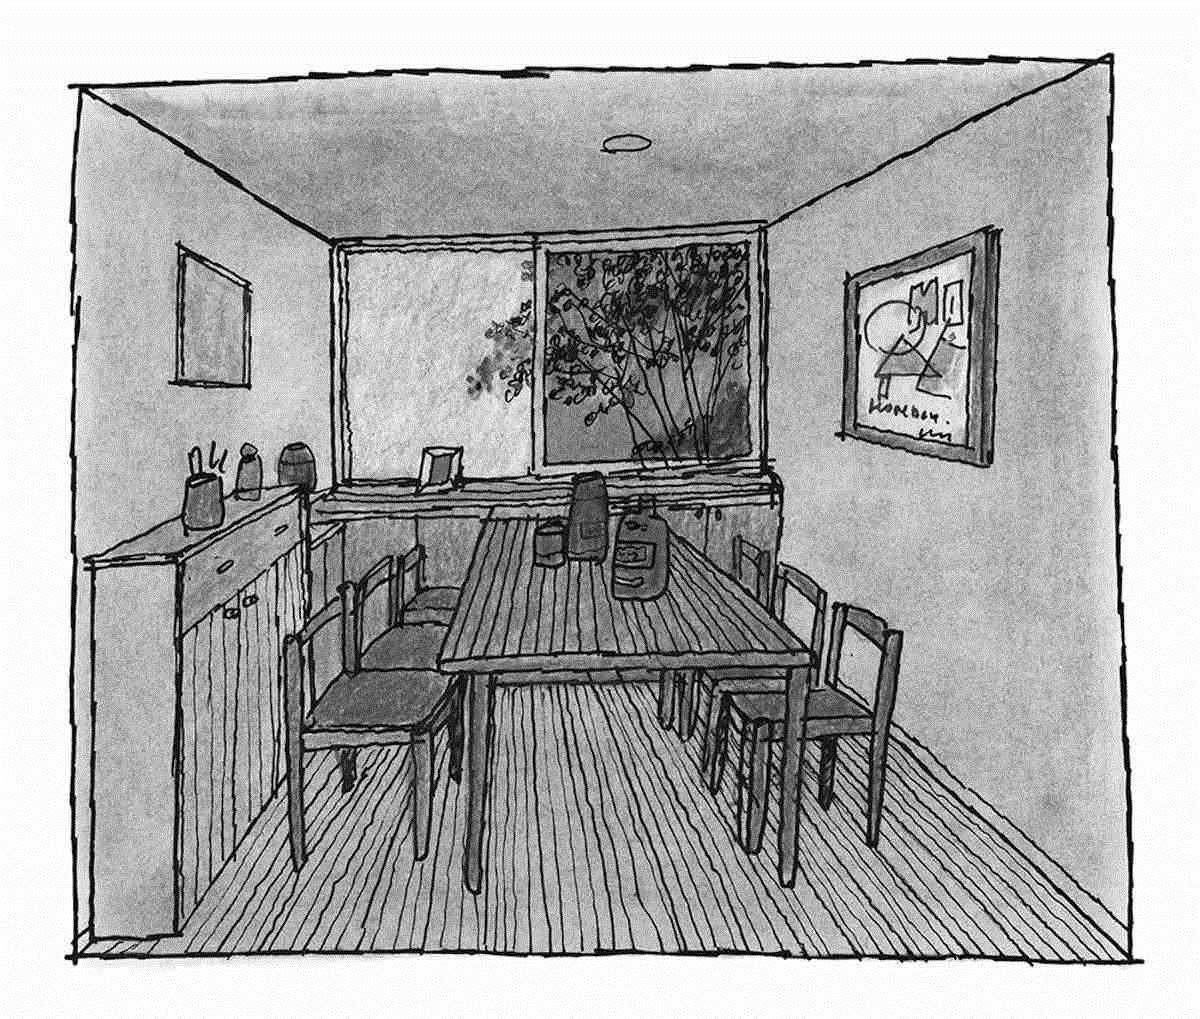 餐廳-透視圖 圖片提供_漂亮家居麥浩斯